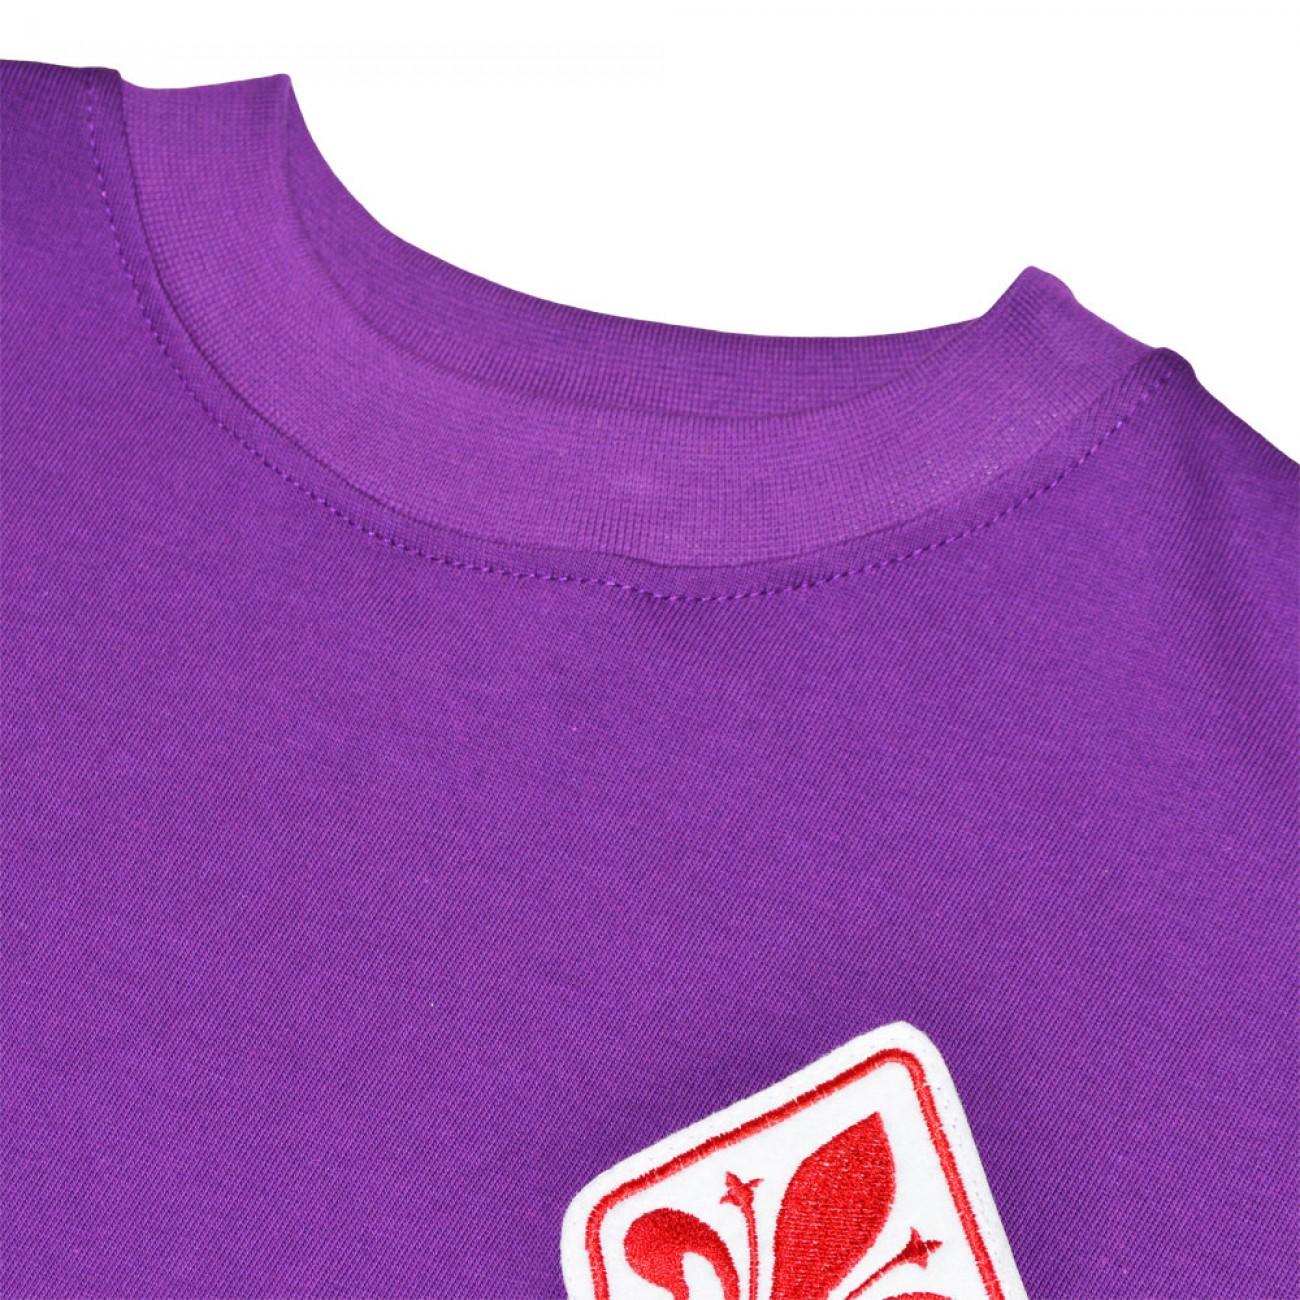 camisetas de futbol Fiorentina manga larga